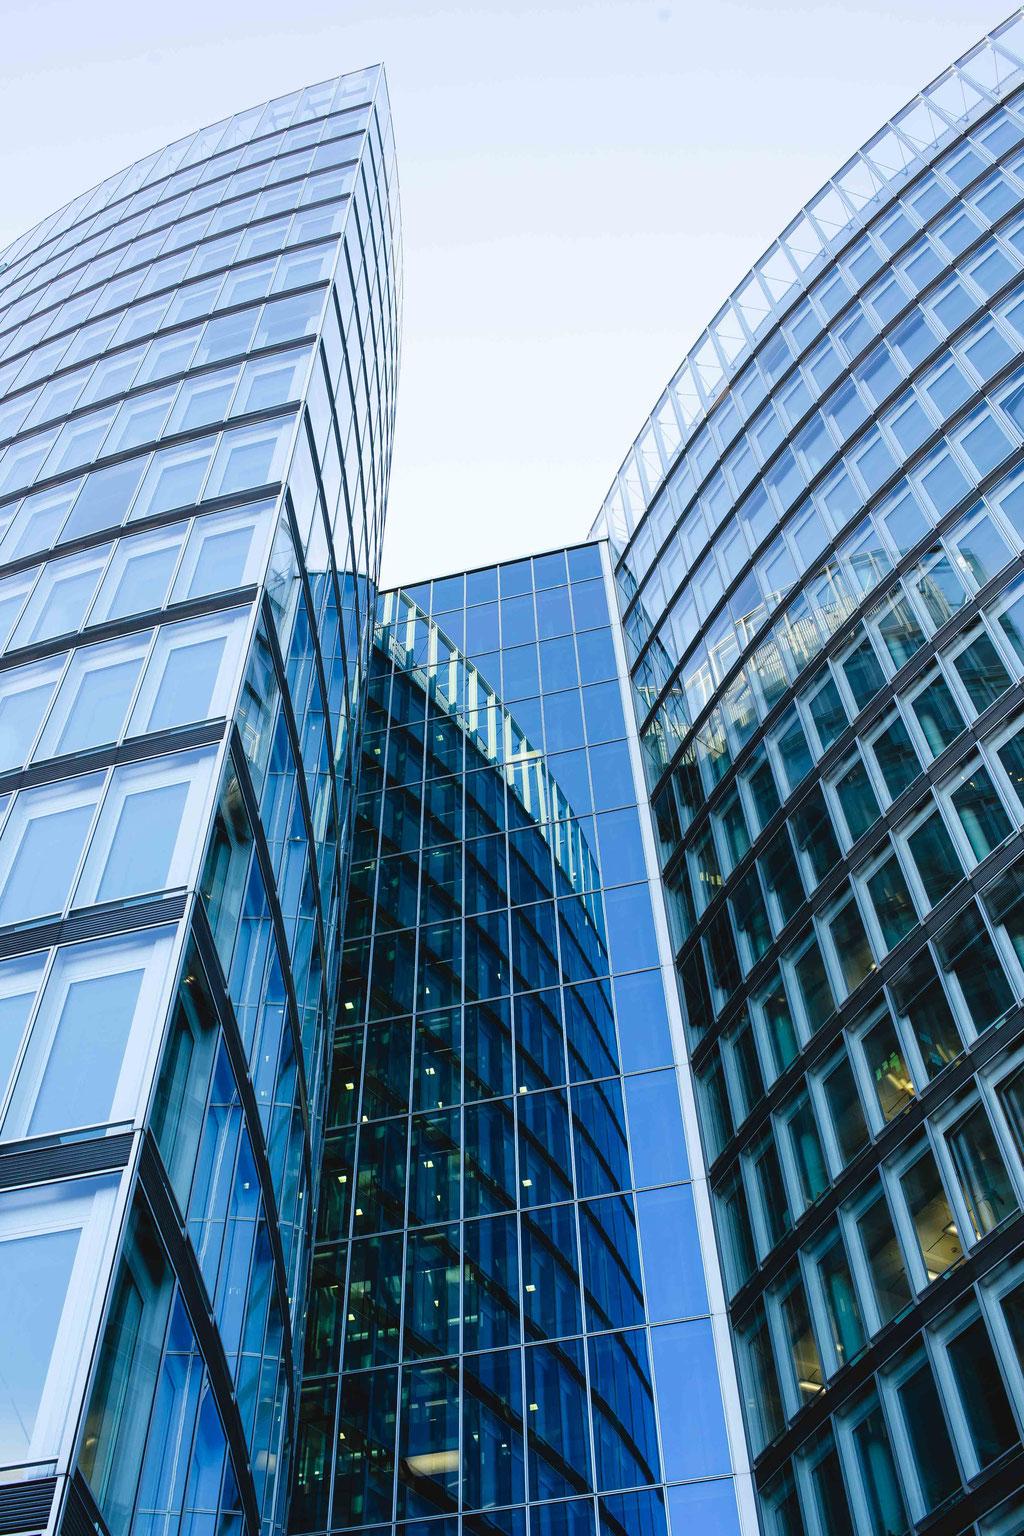 Image Imagefotografie Architekturfotografie